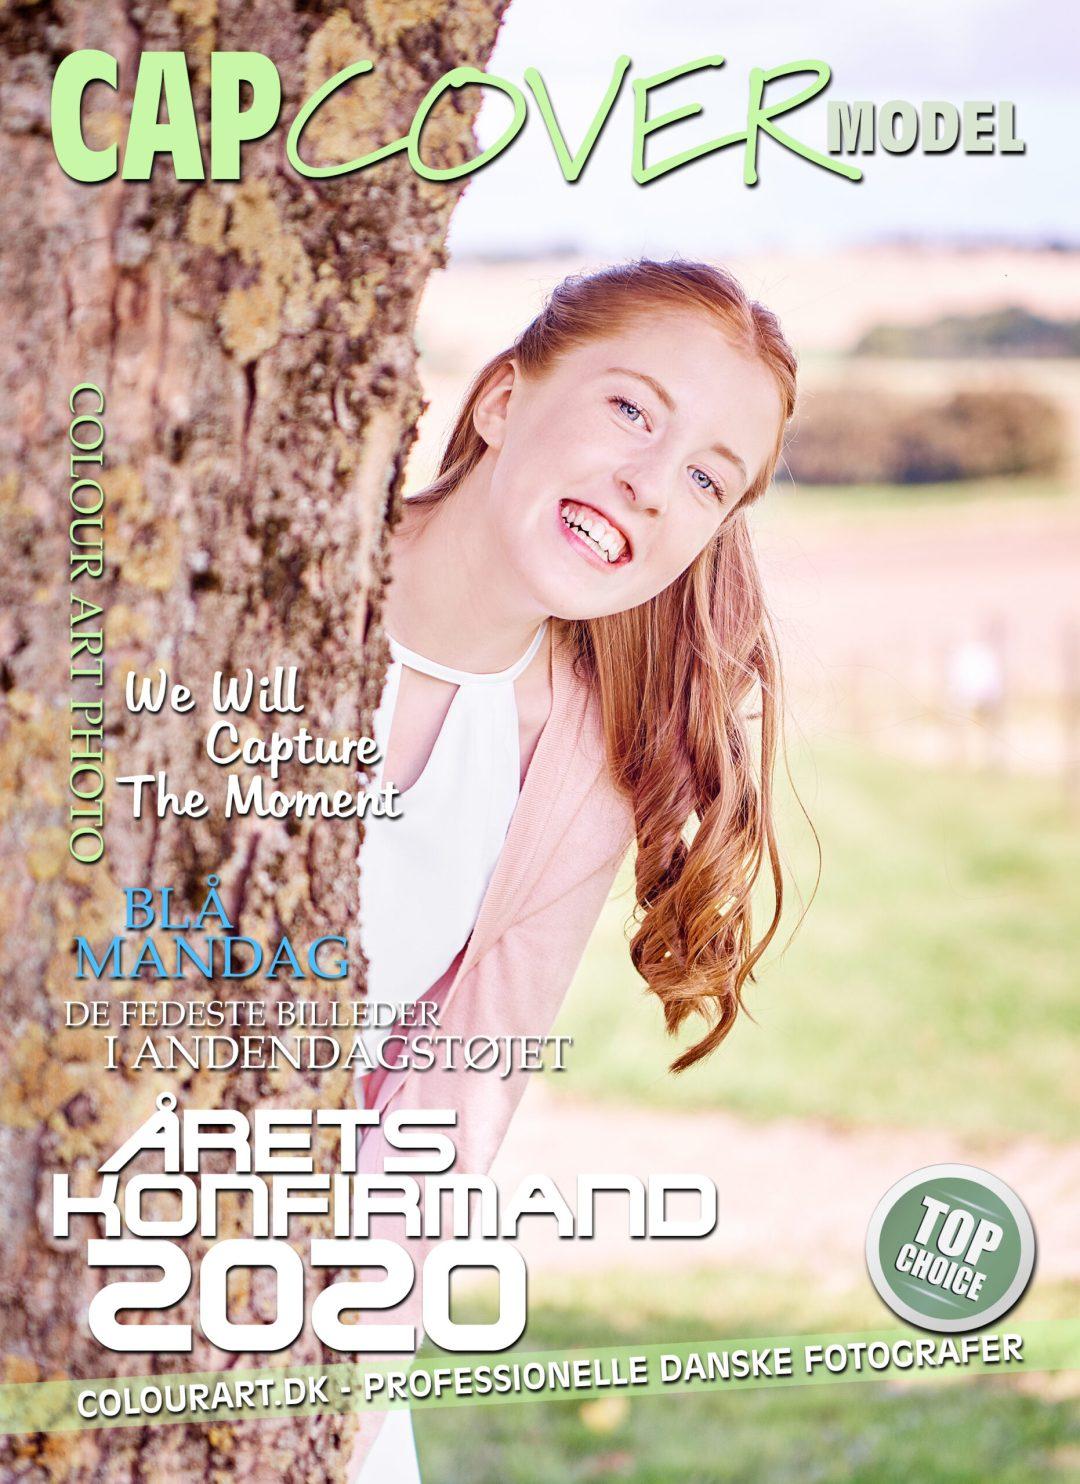 ColourArtPhoto konkurrence for konfirmander. Vind et gavekort eller et cover. Hos Koldsø Fotografi, medlem af ColourArtPhoto.